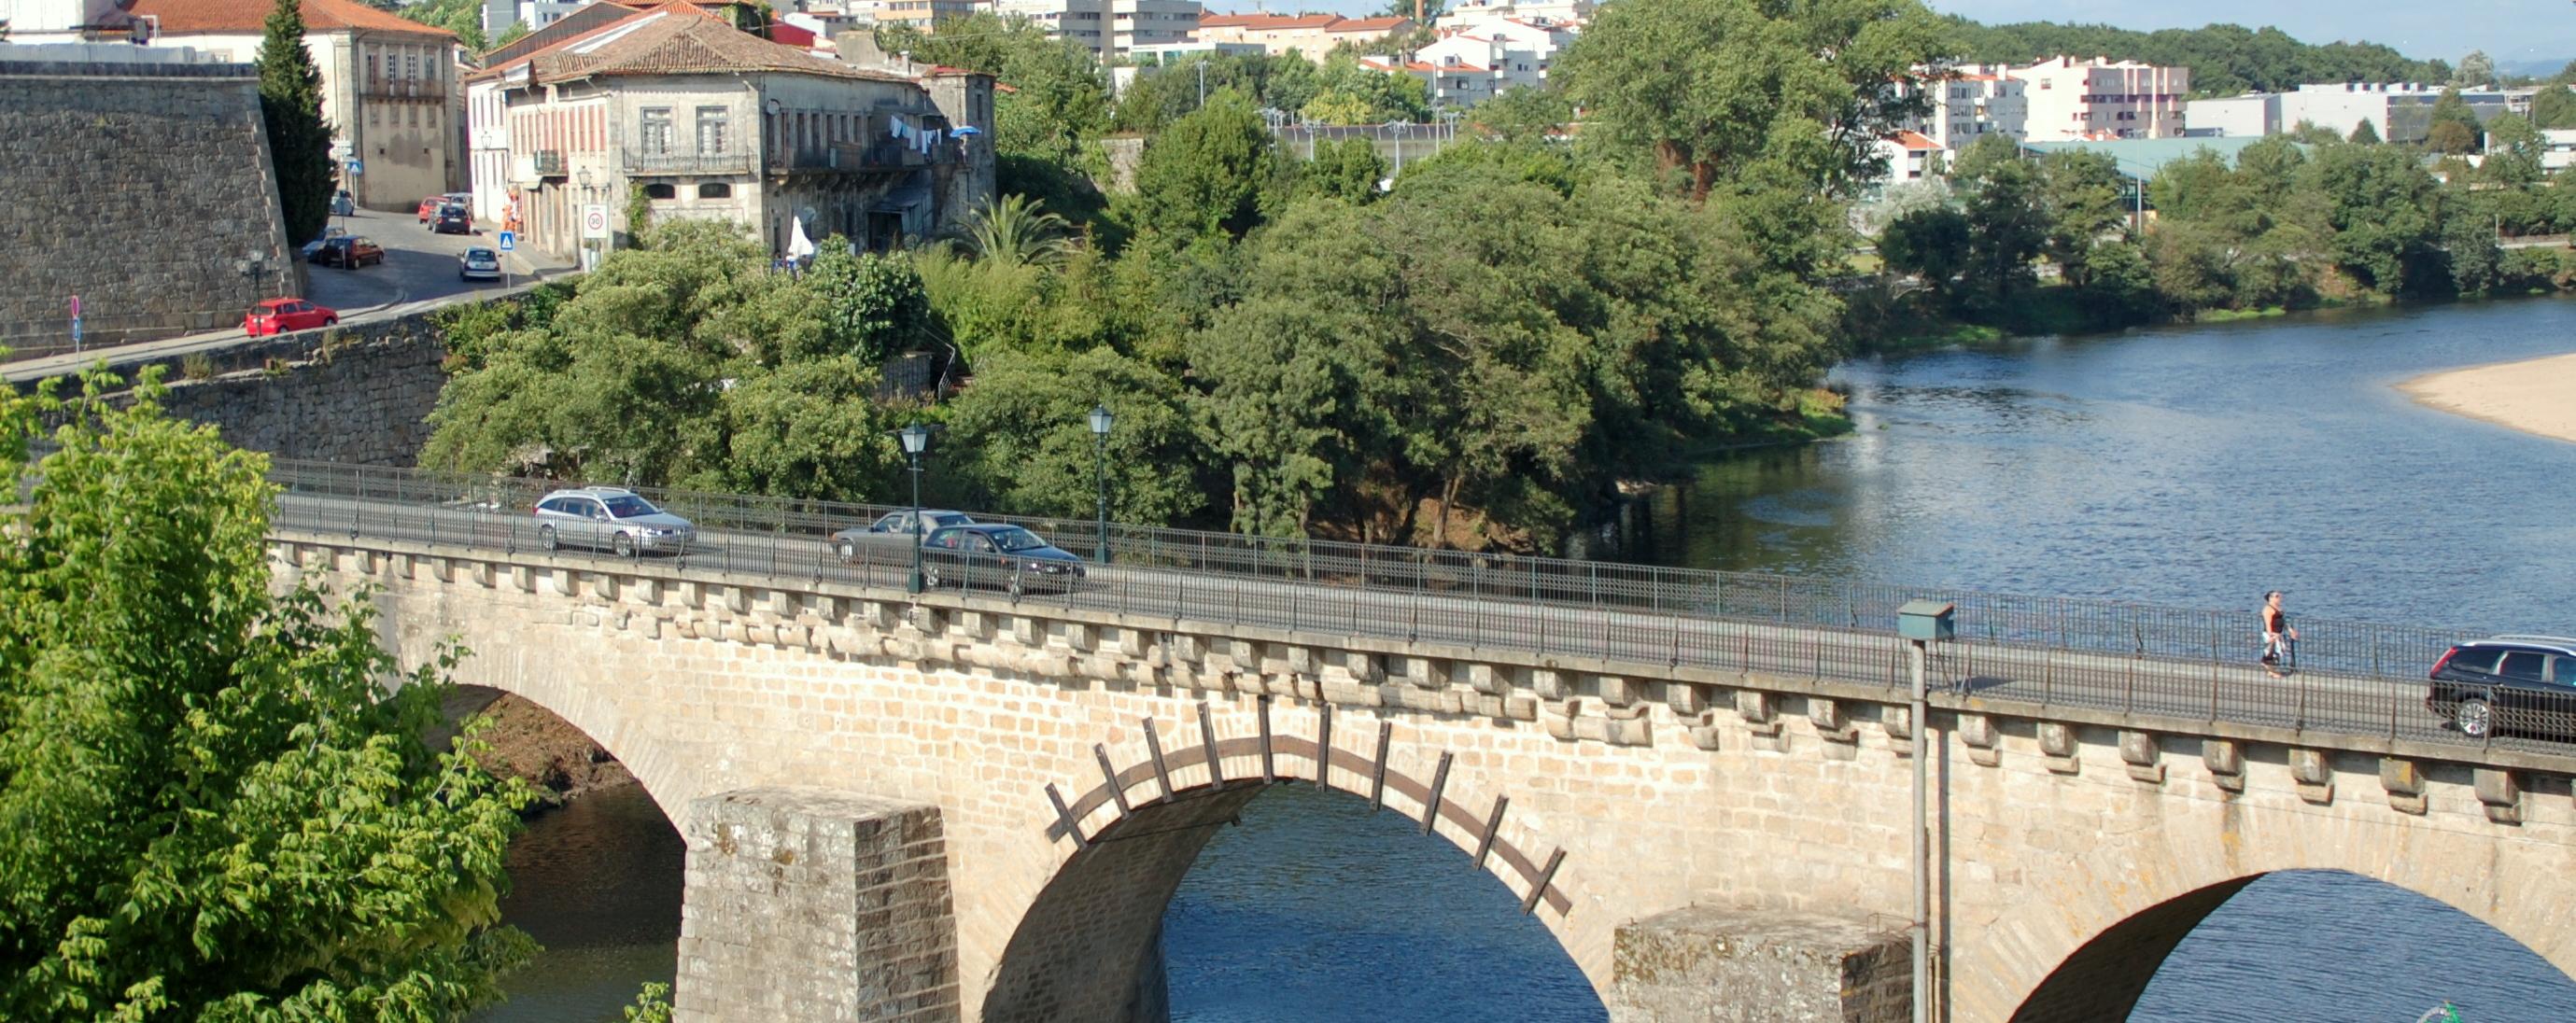 """Relatório do Tribunal de Contas diz que o contrato de concessão da água e saneamento """"é lesivo para os interesses do Município de Barcelos"""""""